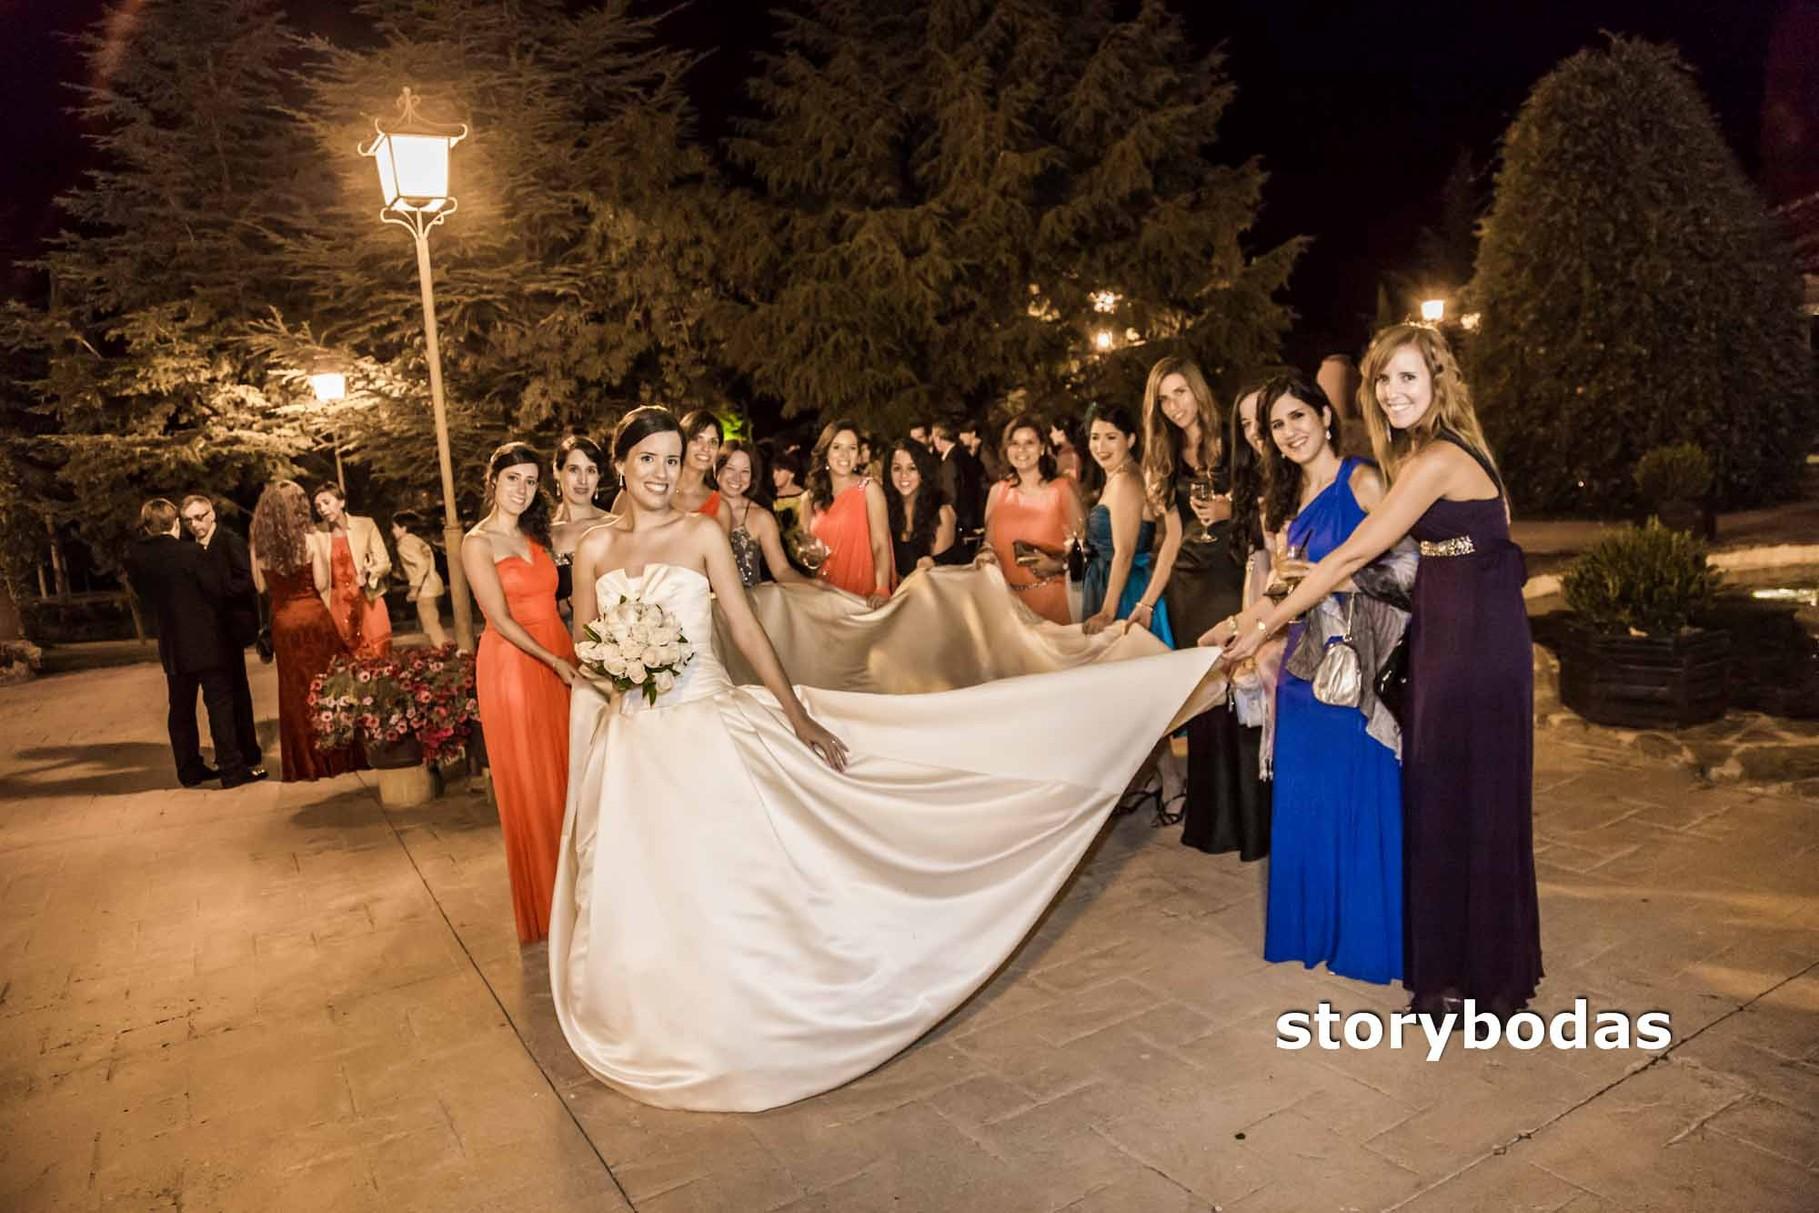 storybodas Amigas de la Novia y Vestido